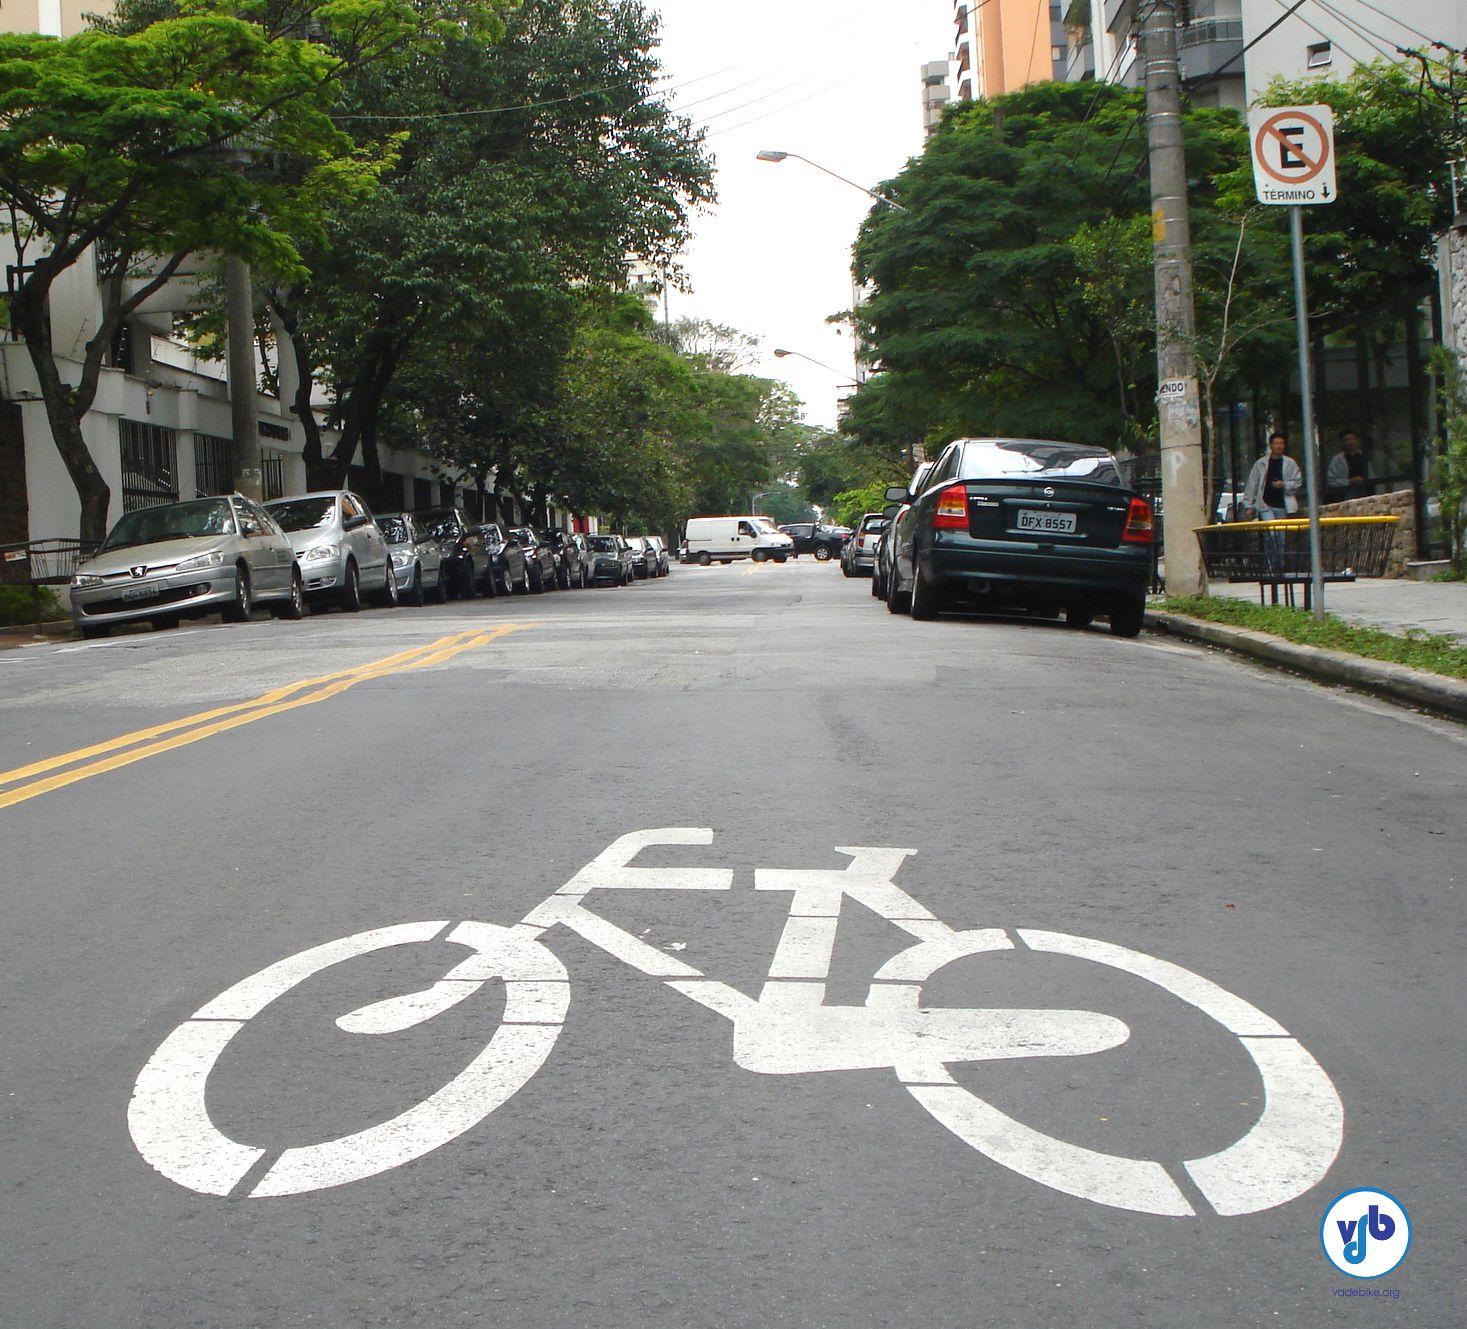 Oficializando o compartilhamento das vias. Foto: Vá de Bike